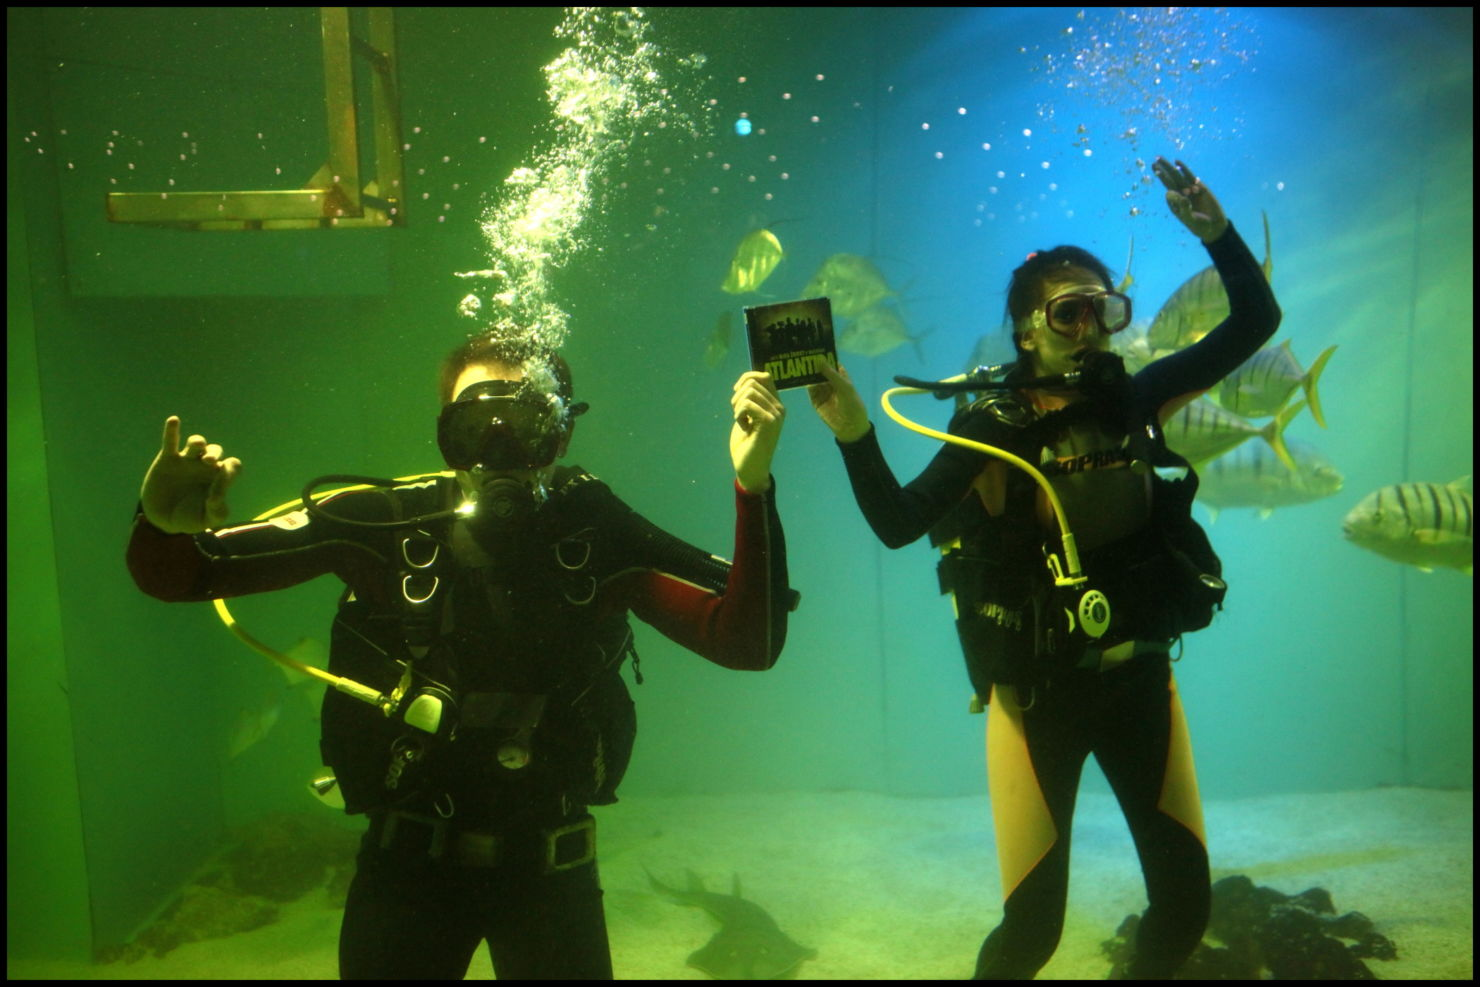 Muzikál ATLANTIDA vychází na CD, herci ho pokřtili v největším mořském akváriu